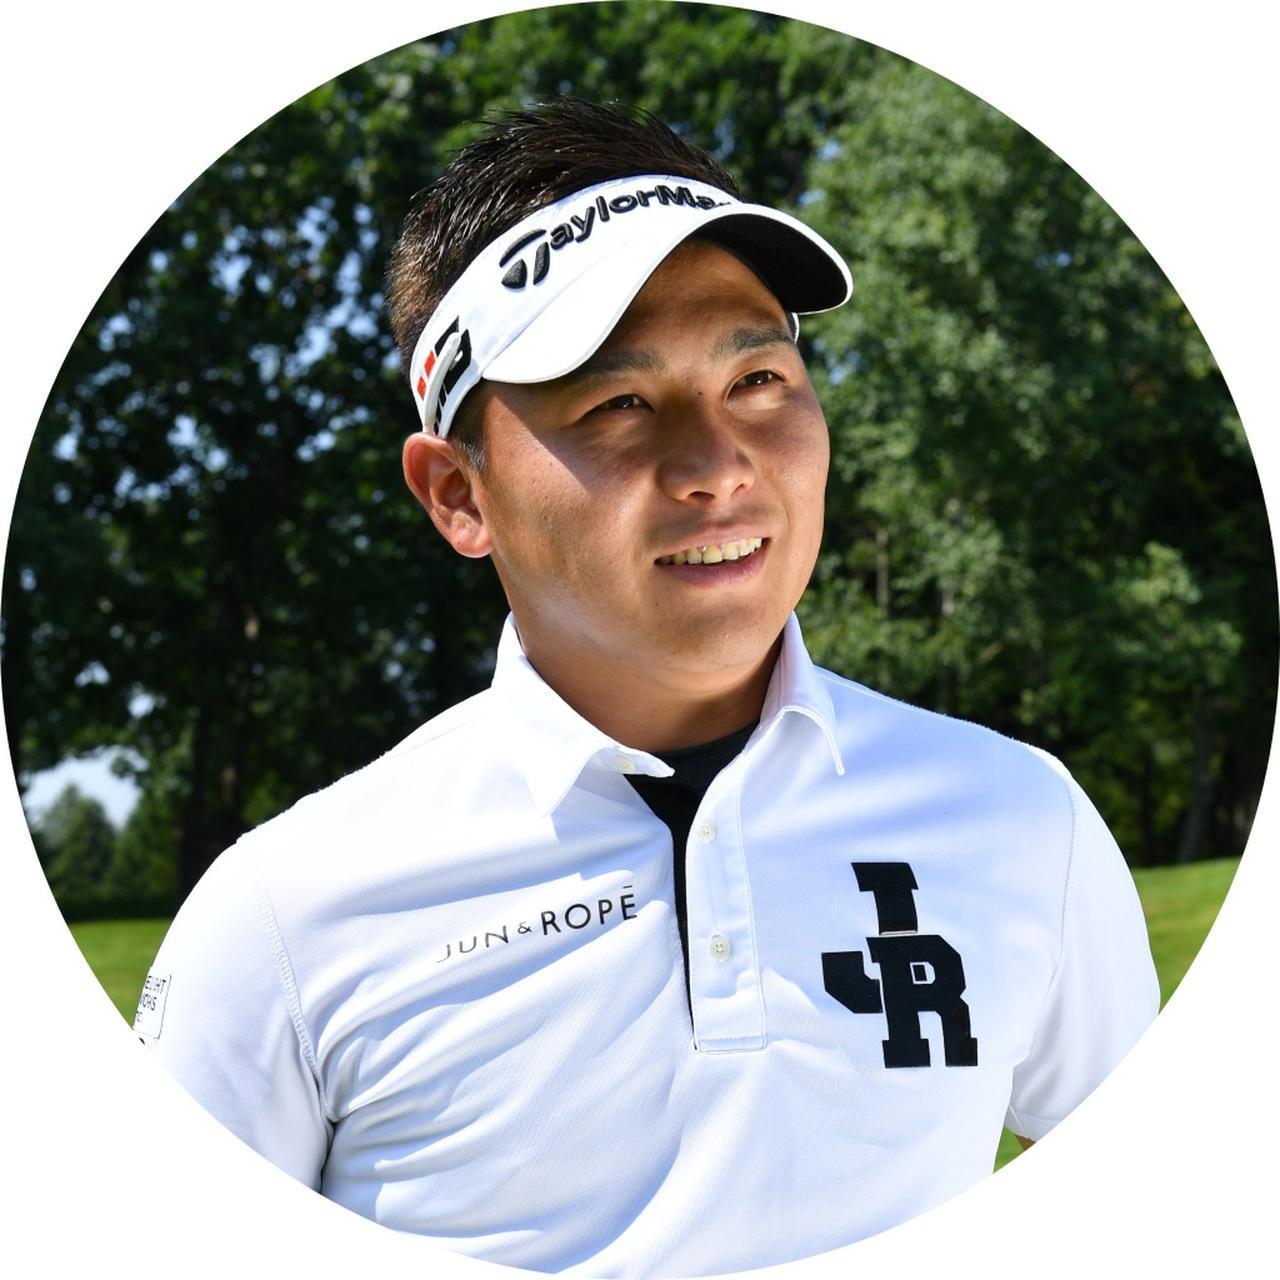 画像: 【解説/池村寛世プロ】 いけむらともよ。1995年生まれ。鹿児島県出身。横峯さくらの「さくらゴルフアカデミー」でゴルフを覚えた。2年連続シード権。ディライトワークス所属